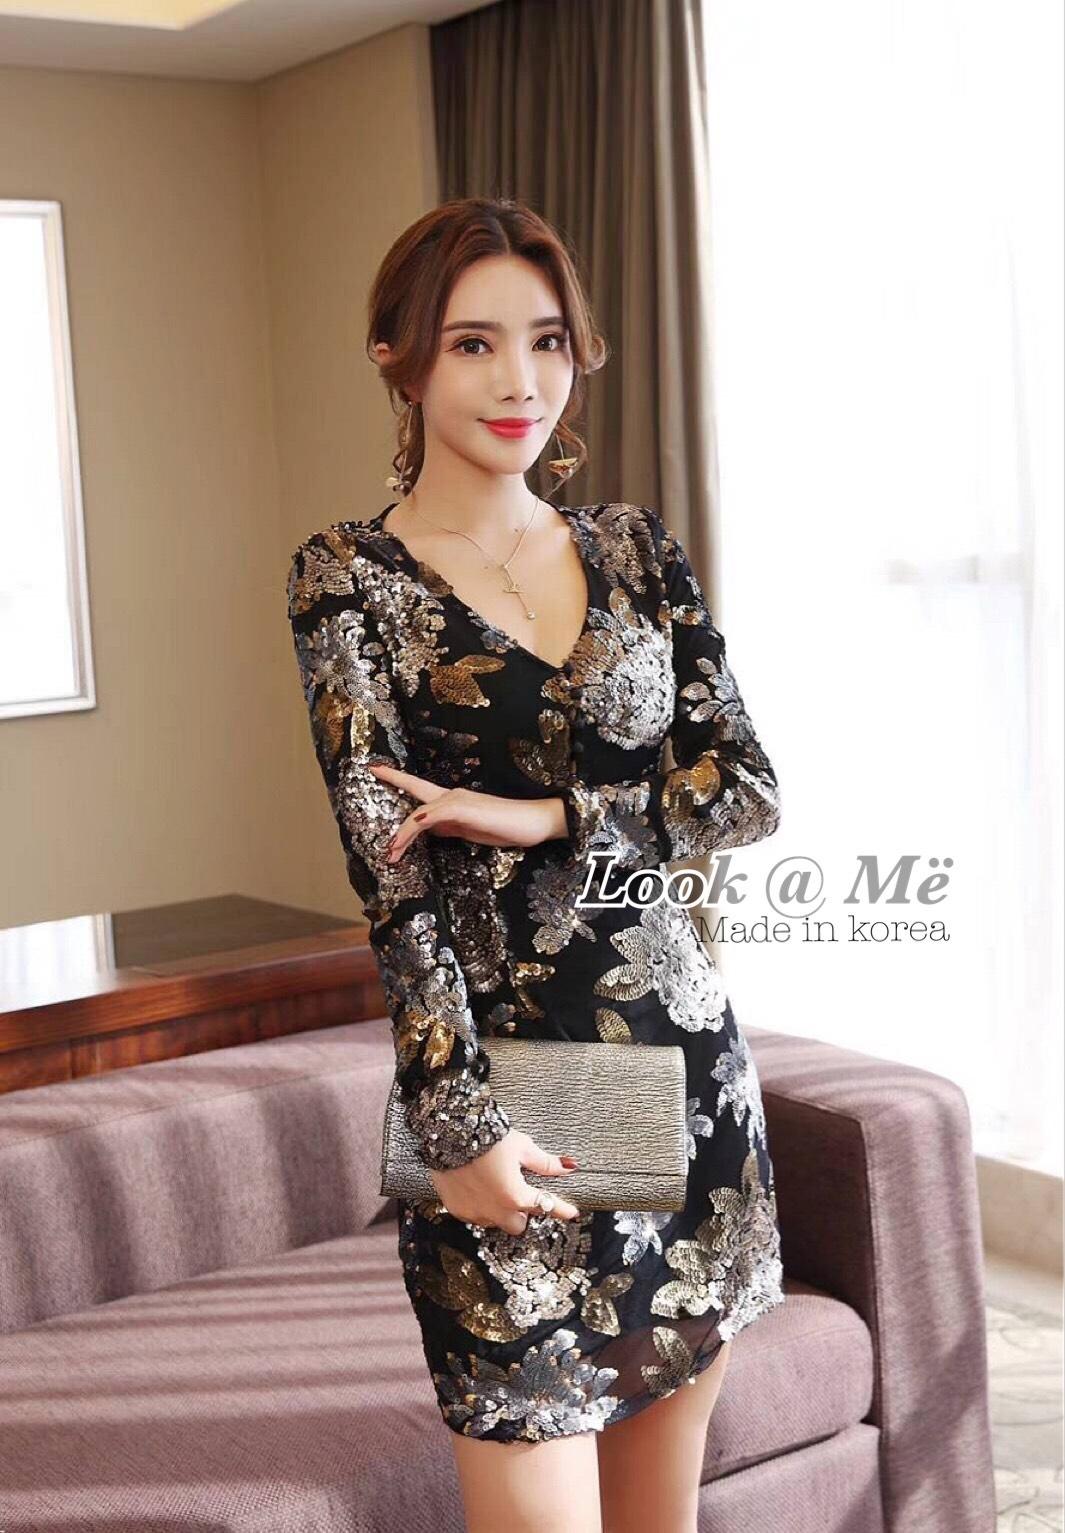 เดรสแฟชั่น Dress ชุดกระโปรงสุดแซปแขนยาวสีดำ ปักเลื่อมดอกไม้แน่นทั้งชุด